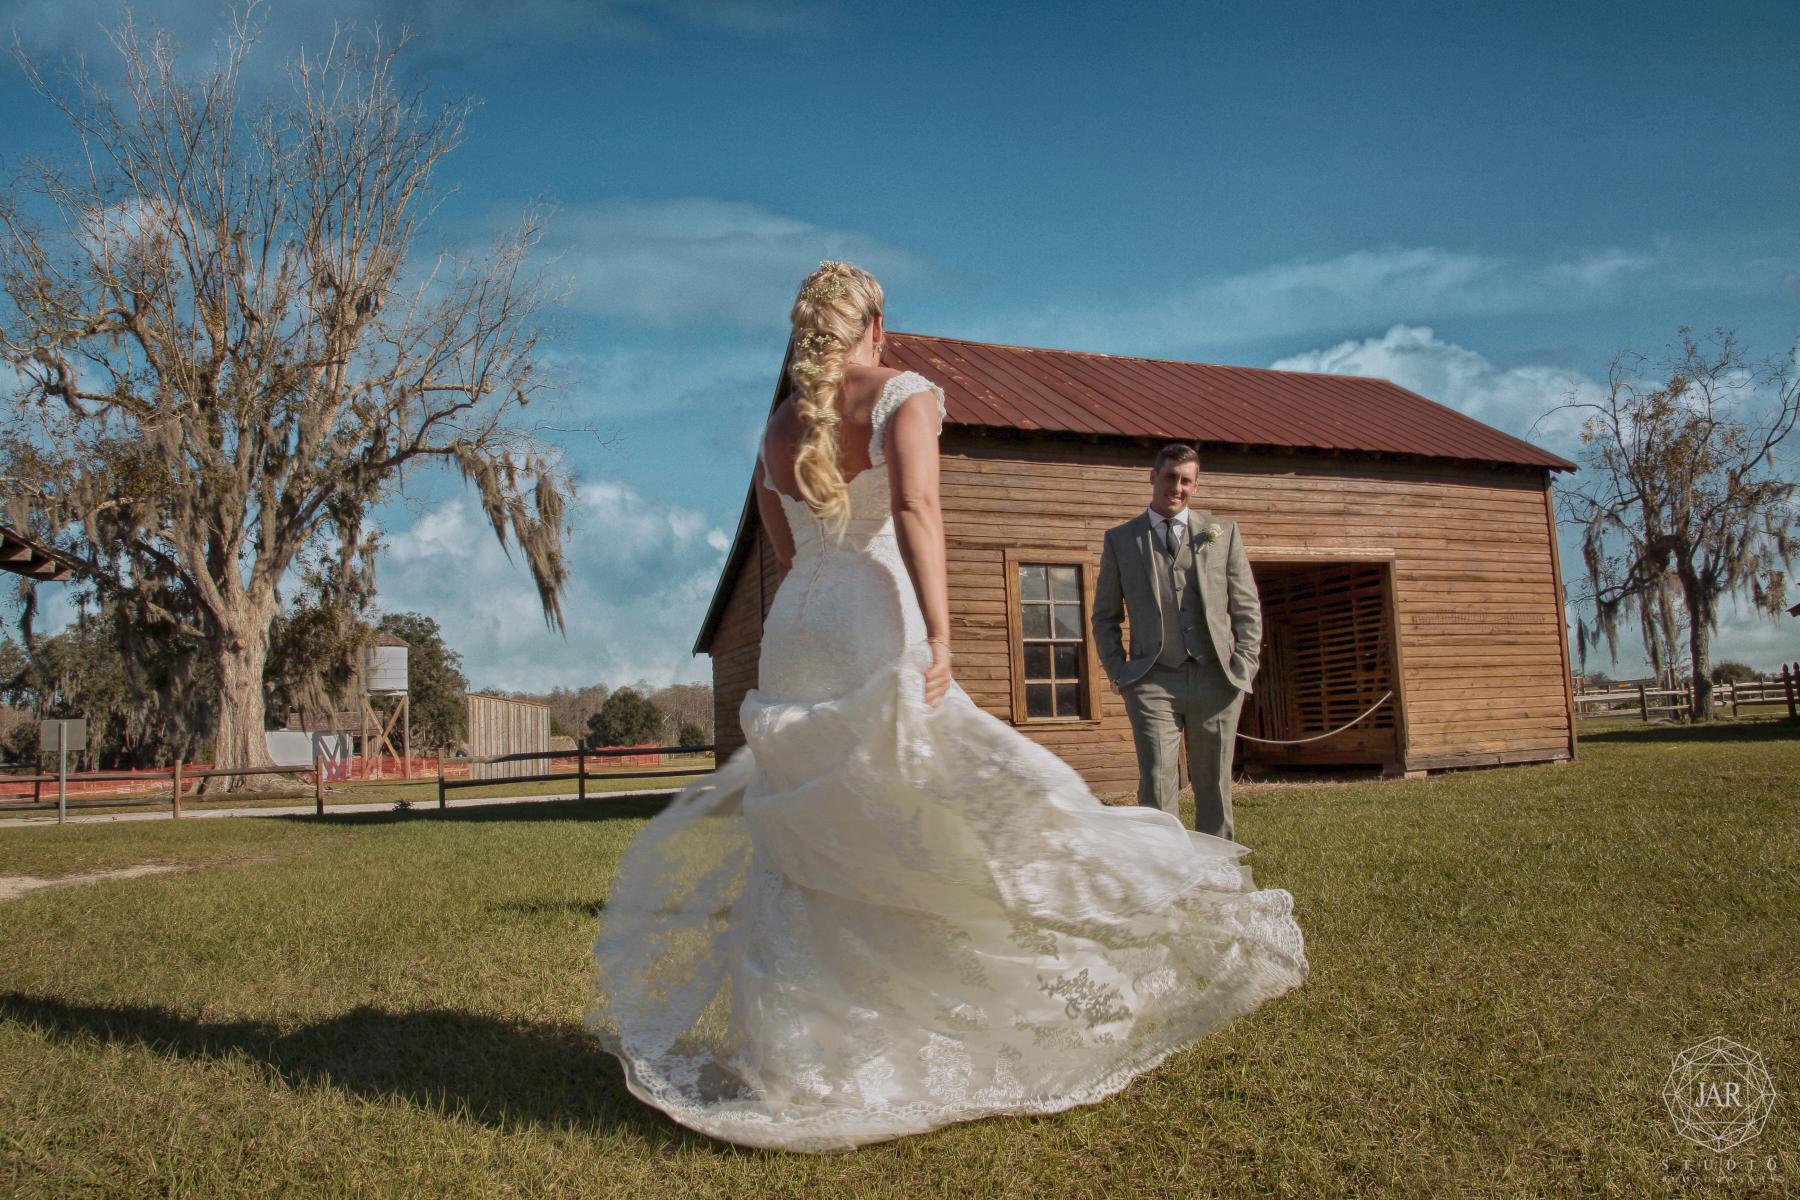 27-wedding-dress-rapunzel-bride-jarstudio.JPG